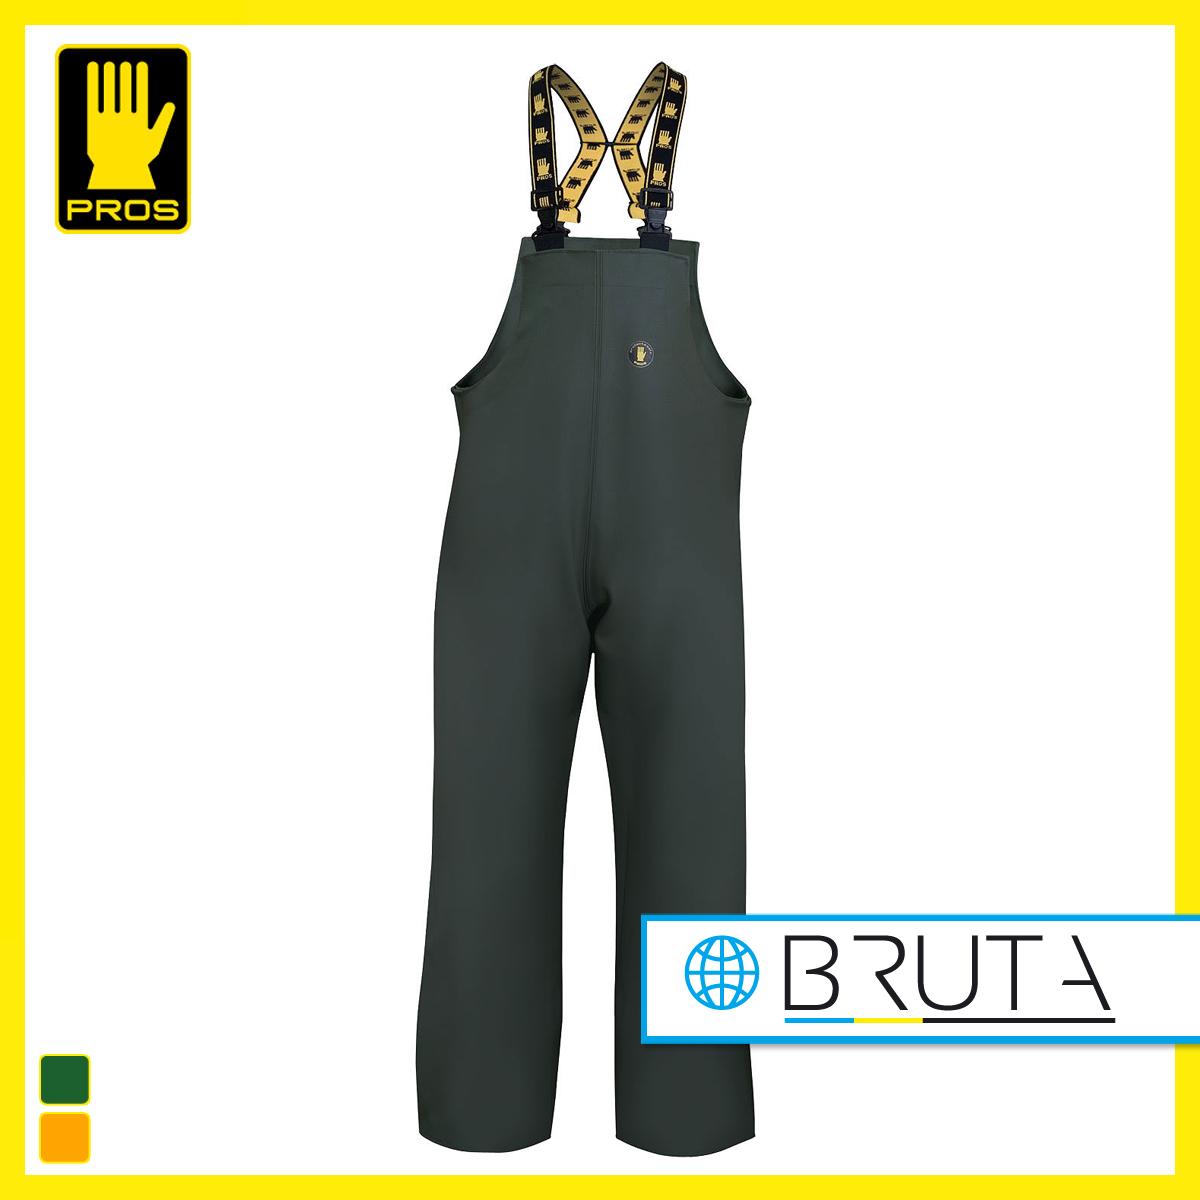 5af6fead22f9de Spodnie wodoochronne ogrodniczki morskie 006 PROS. ):